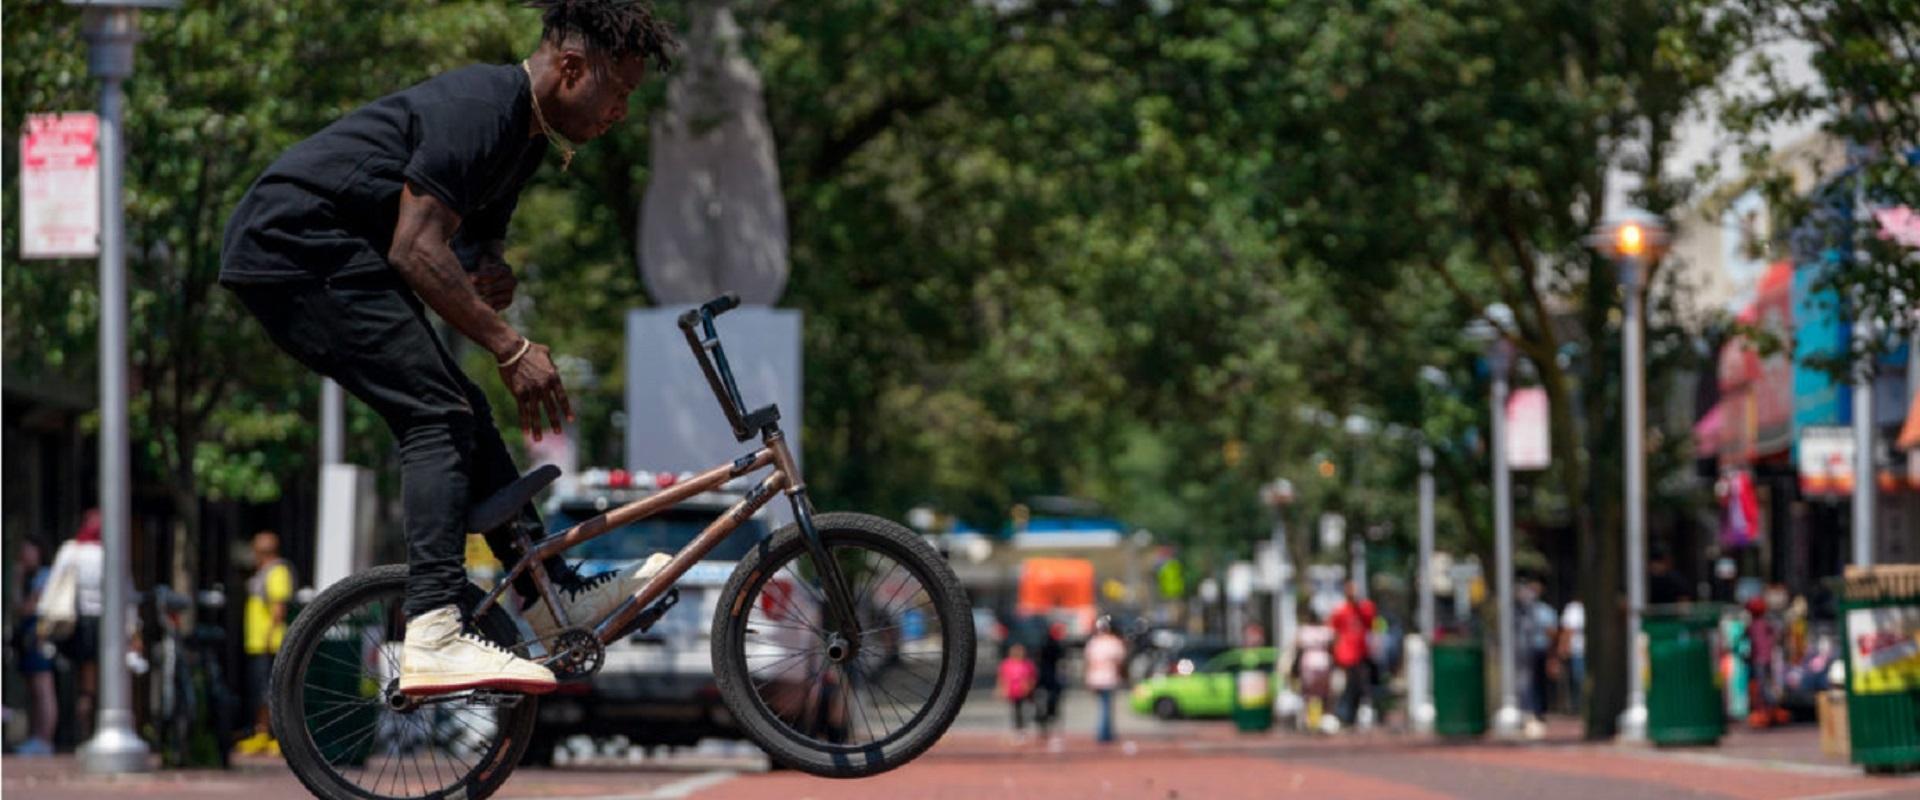 JORDAN BRAND PATROCINA SEU PRIMEIRO ATLETA DE BMX